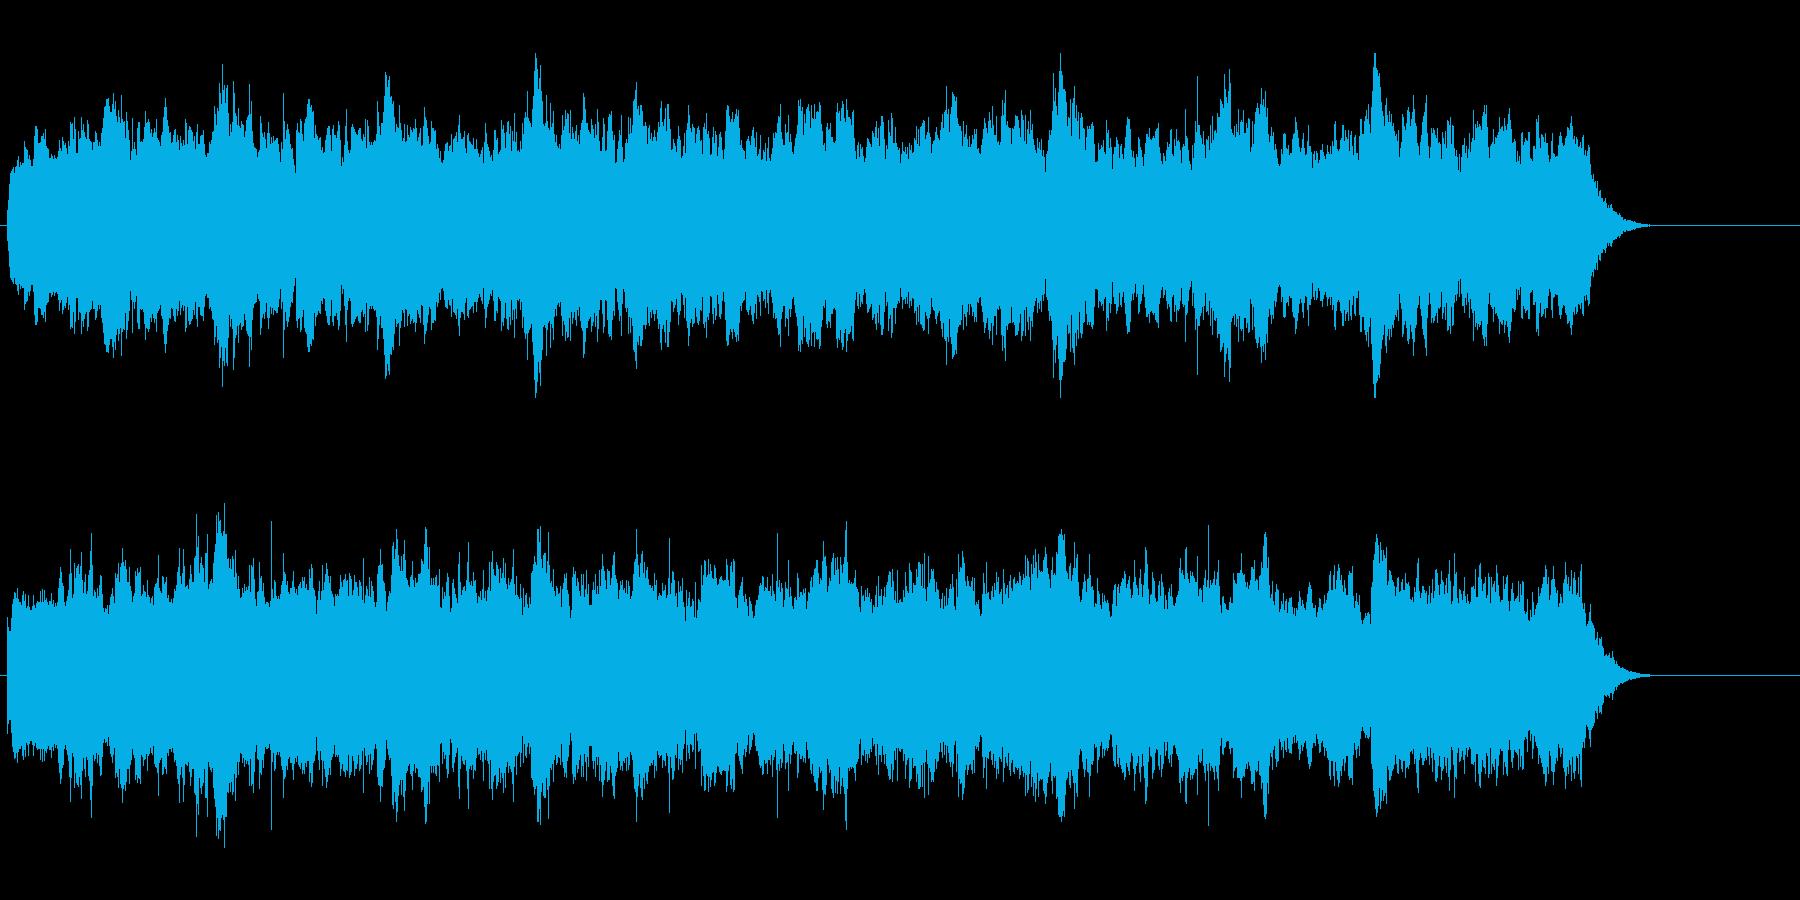 浮遊感のある宇宙的なアンビエントの再生済みの波形